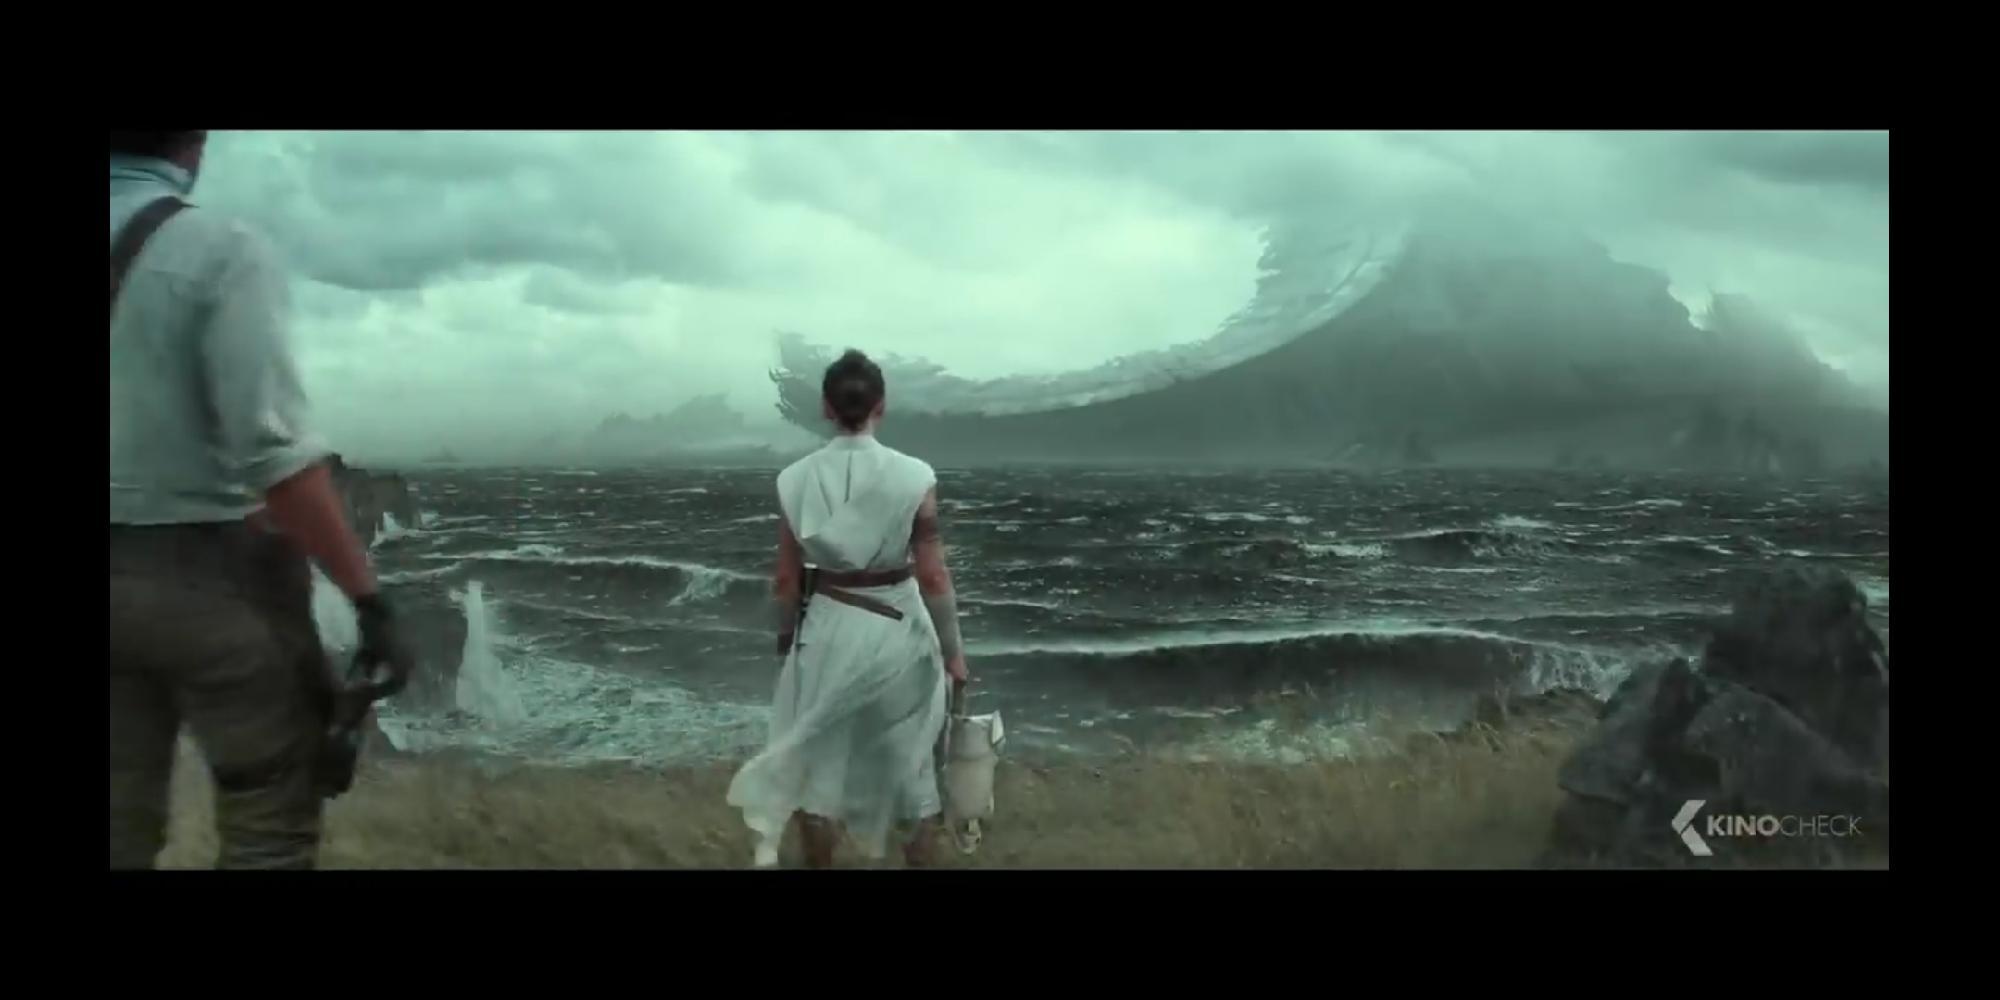 Star Wars 9 : Todesstern und Palpatines Lache, Theorie zu der Szene